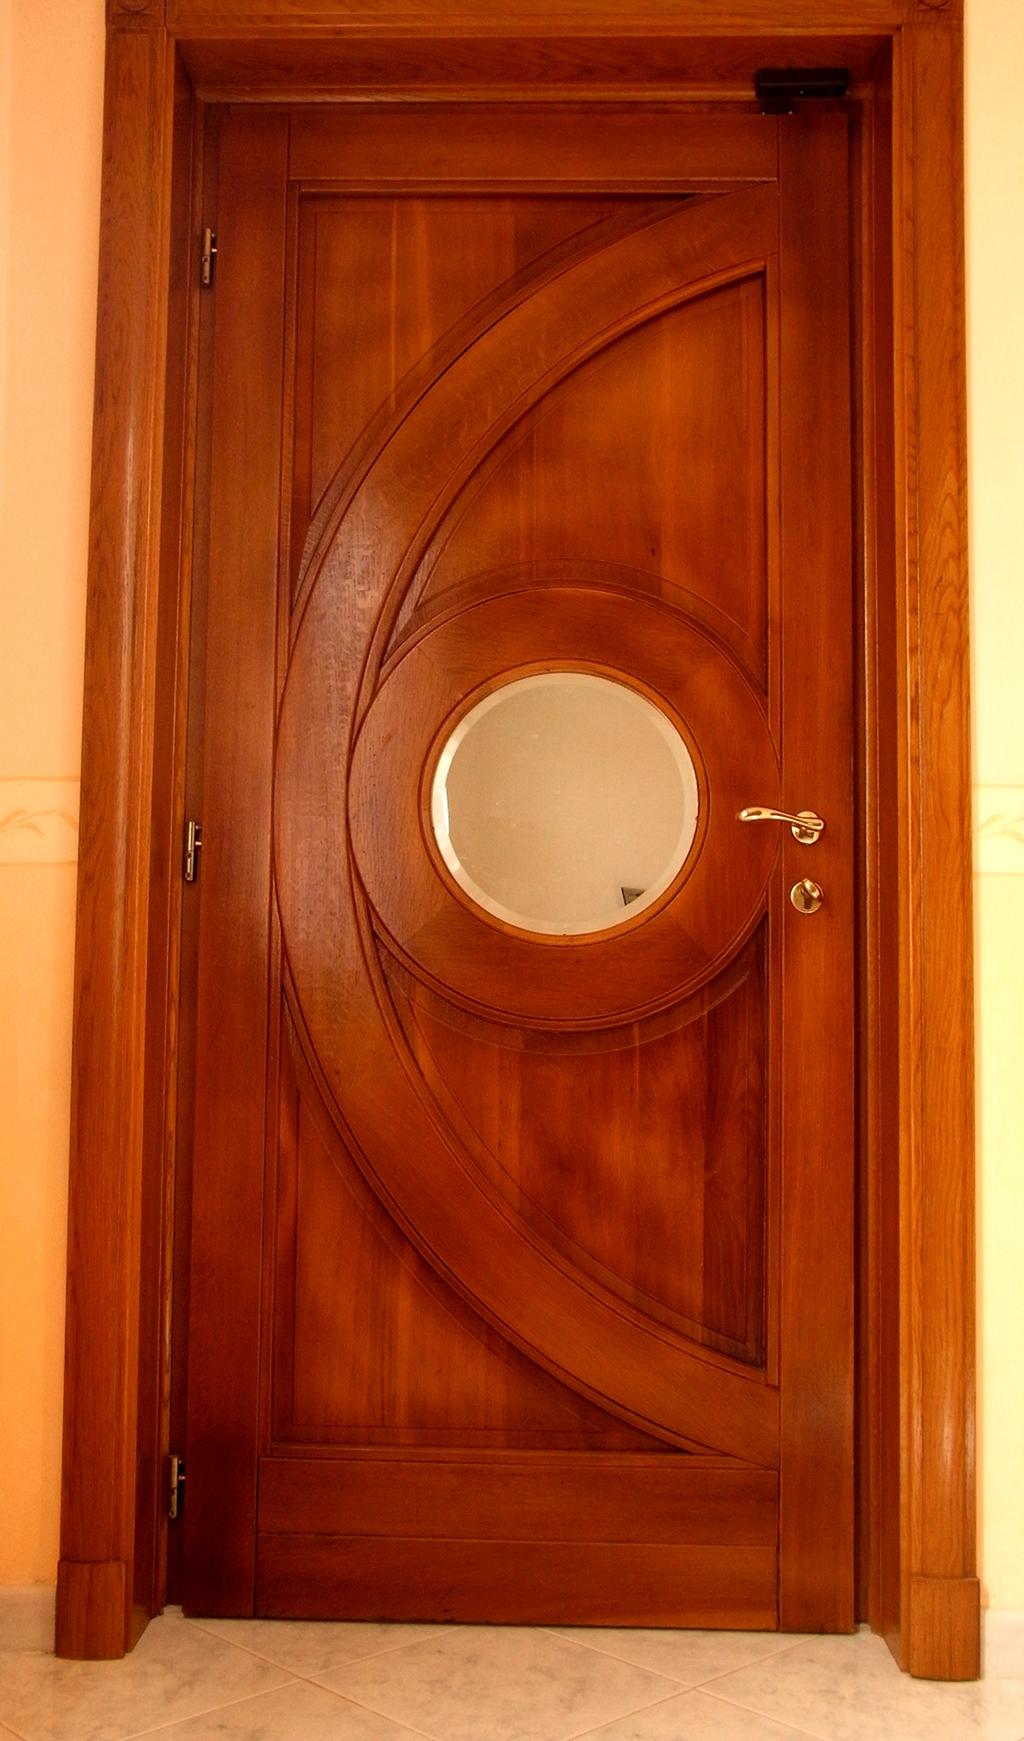 Portone in legno di Rovere con specchio interno rotondo